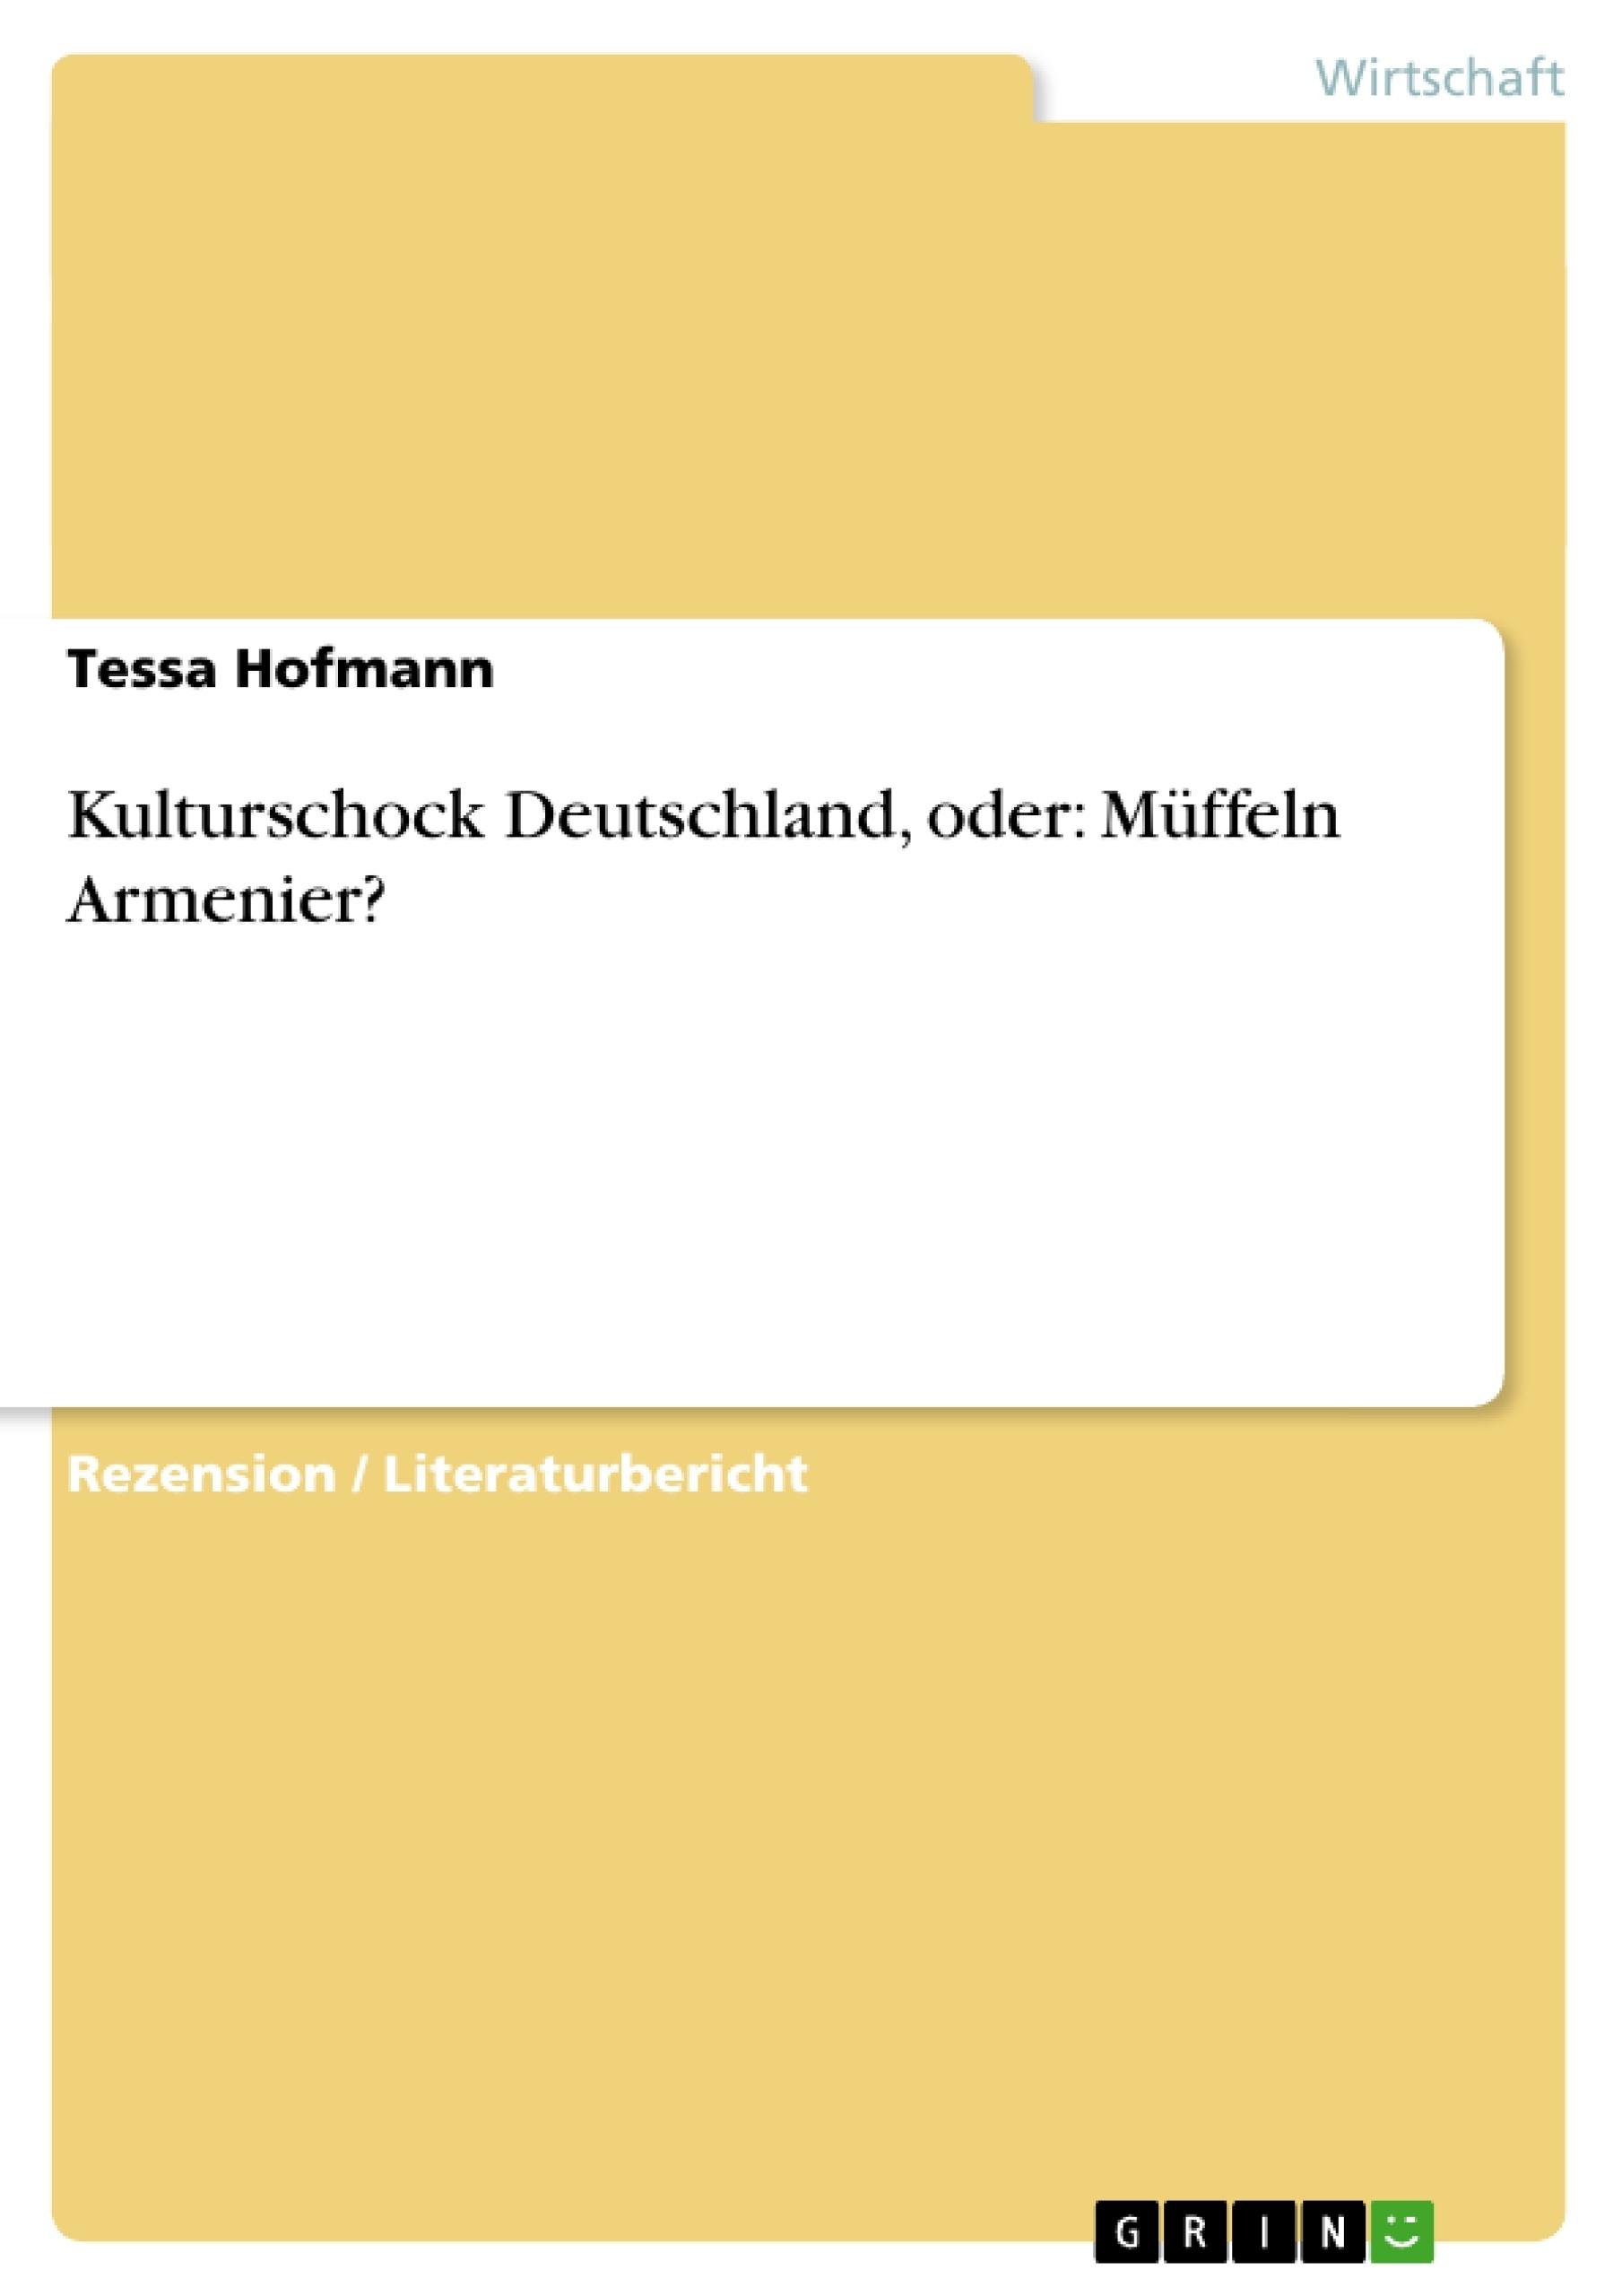 Titel: Kulturschock Deutschland, oder: Müffeln Armenier?